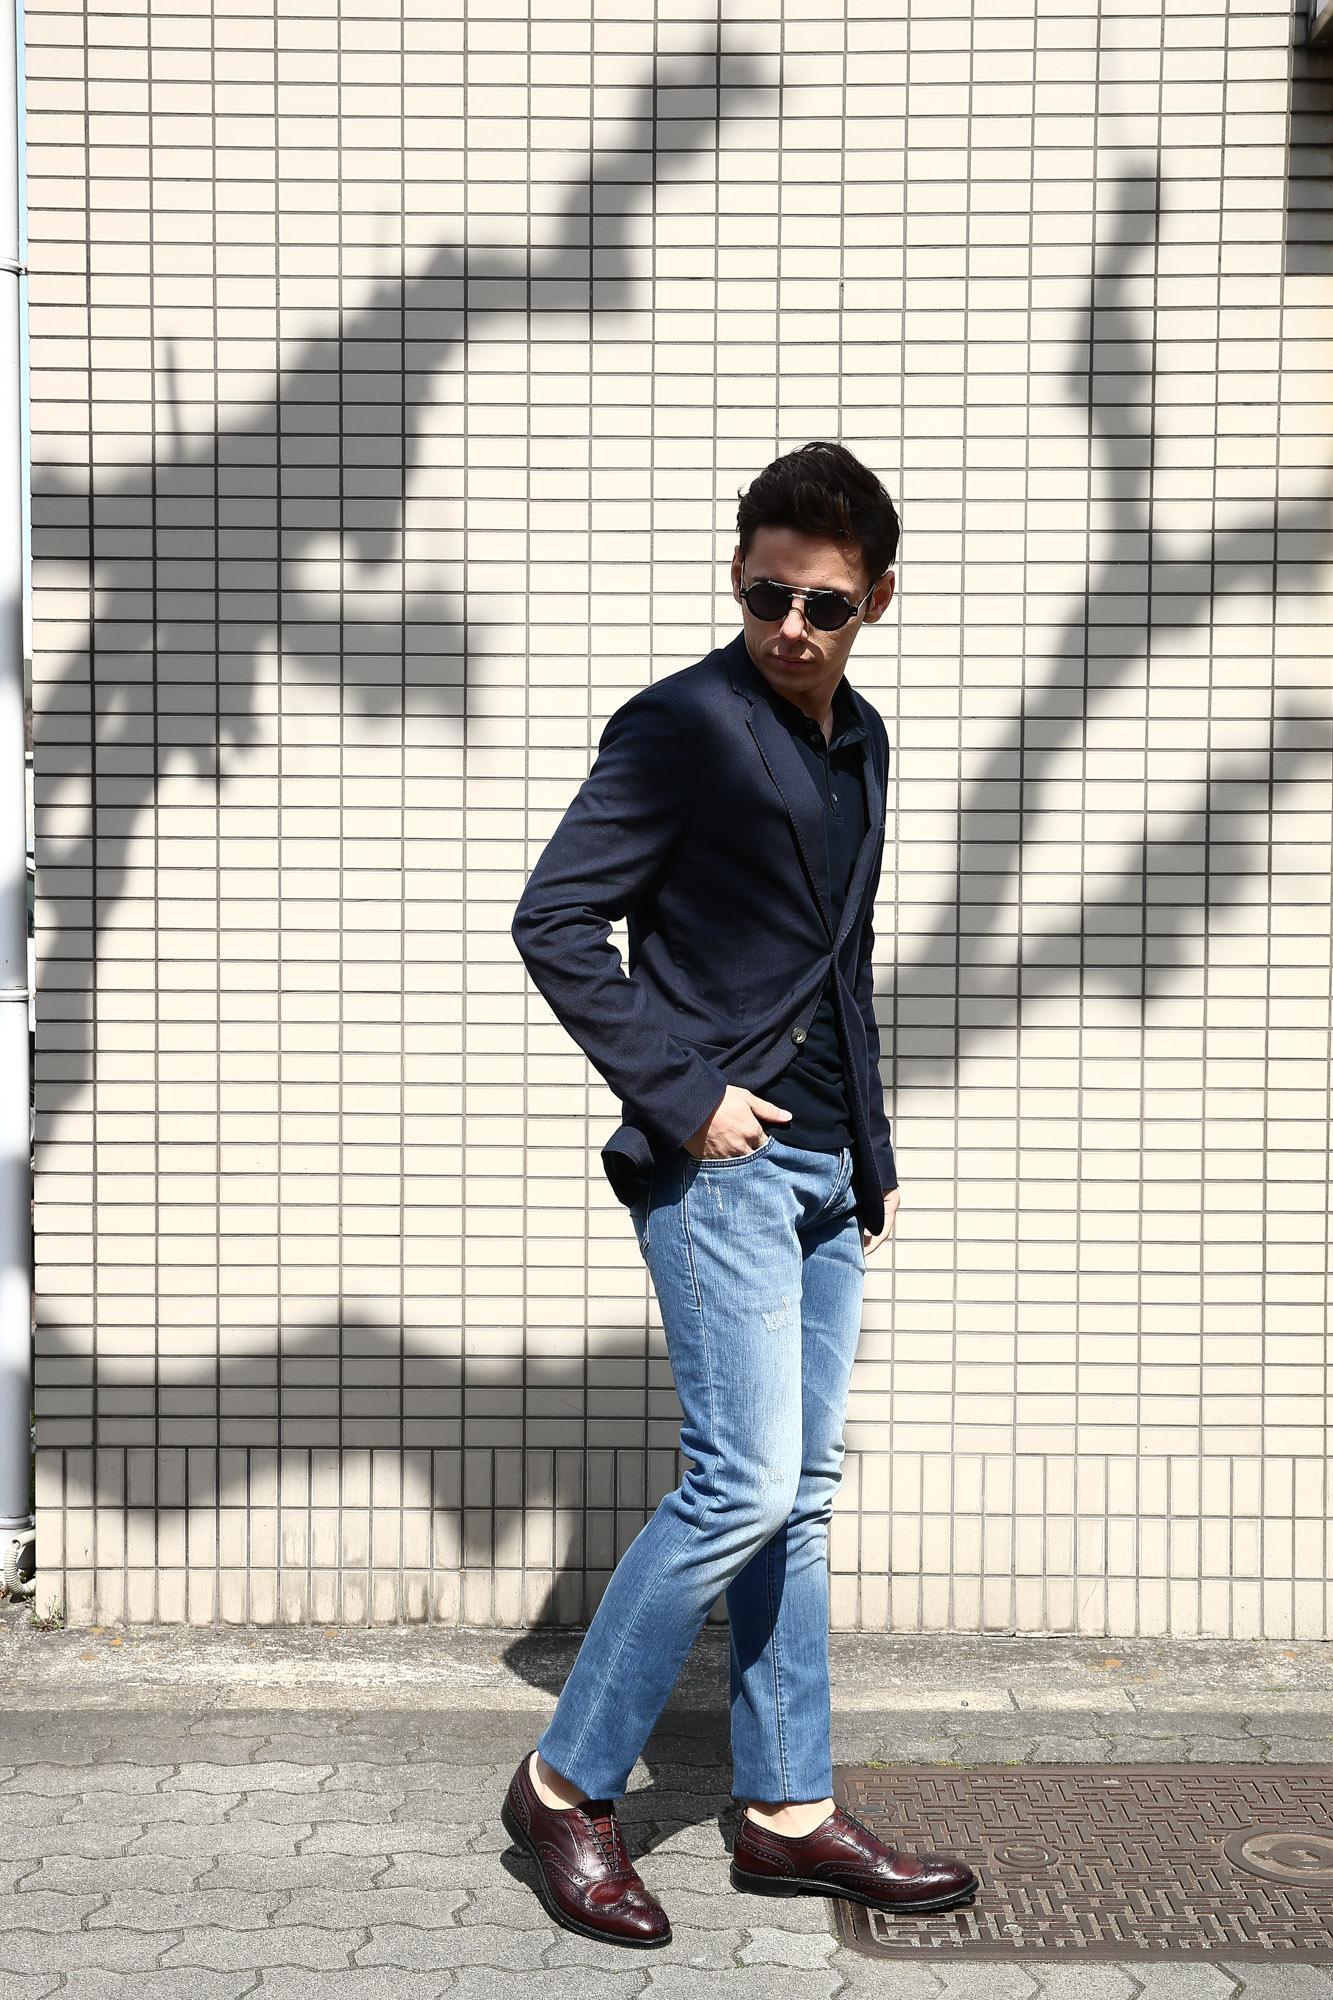 JACQUESMARIEMAGE (ジャックマリーマージュ) 【ELUARD /エリュアール】 STERLING SILVER スターリングシルバー ラウンド型 アイウェア サングラス 【CARBON / カーボン】 HANDCRAFTED IN JAPAN(日本製)  2017 春夏新作 愛知 名古屋 Alto e Diritto アルト エ デリット jacquesmariemage ジャックマリーマージュ エリュアール ポールエリュアール